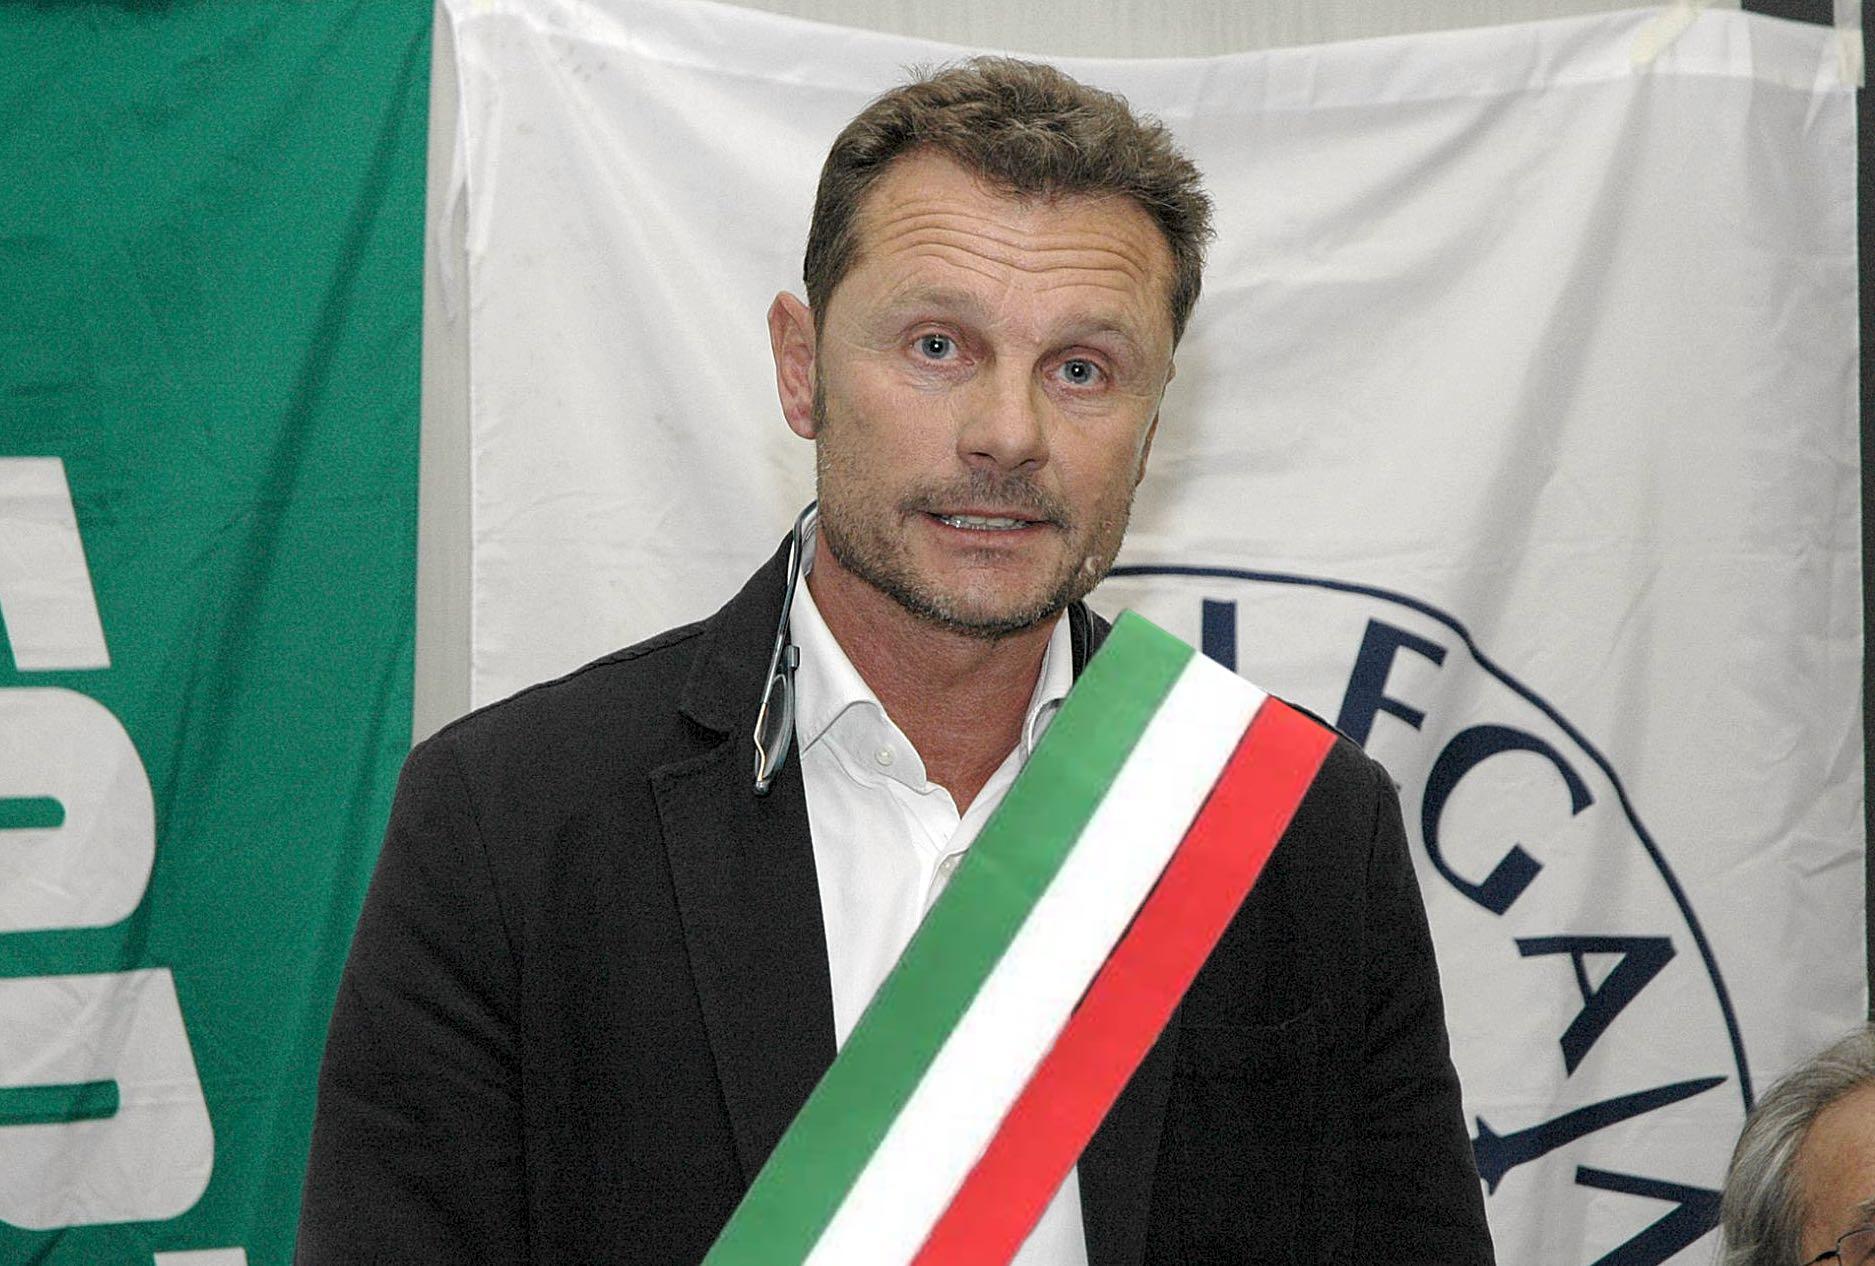 Bertoli gioca a fare il sindaco di Novi. Ma fino a quando durerà questo teatrino?